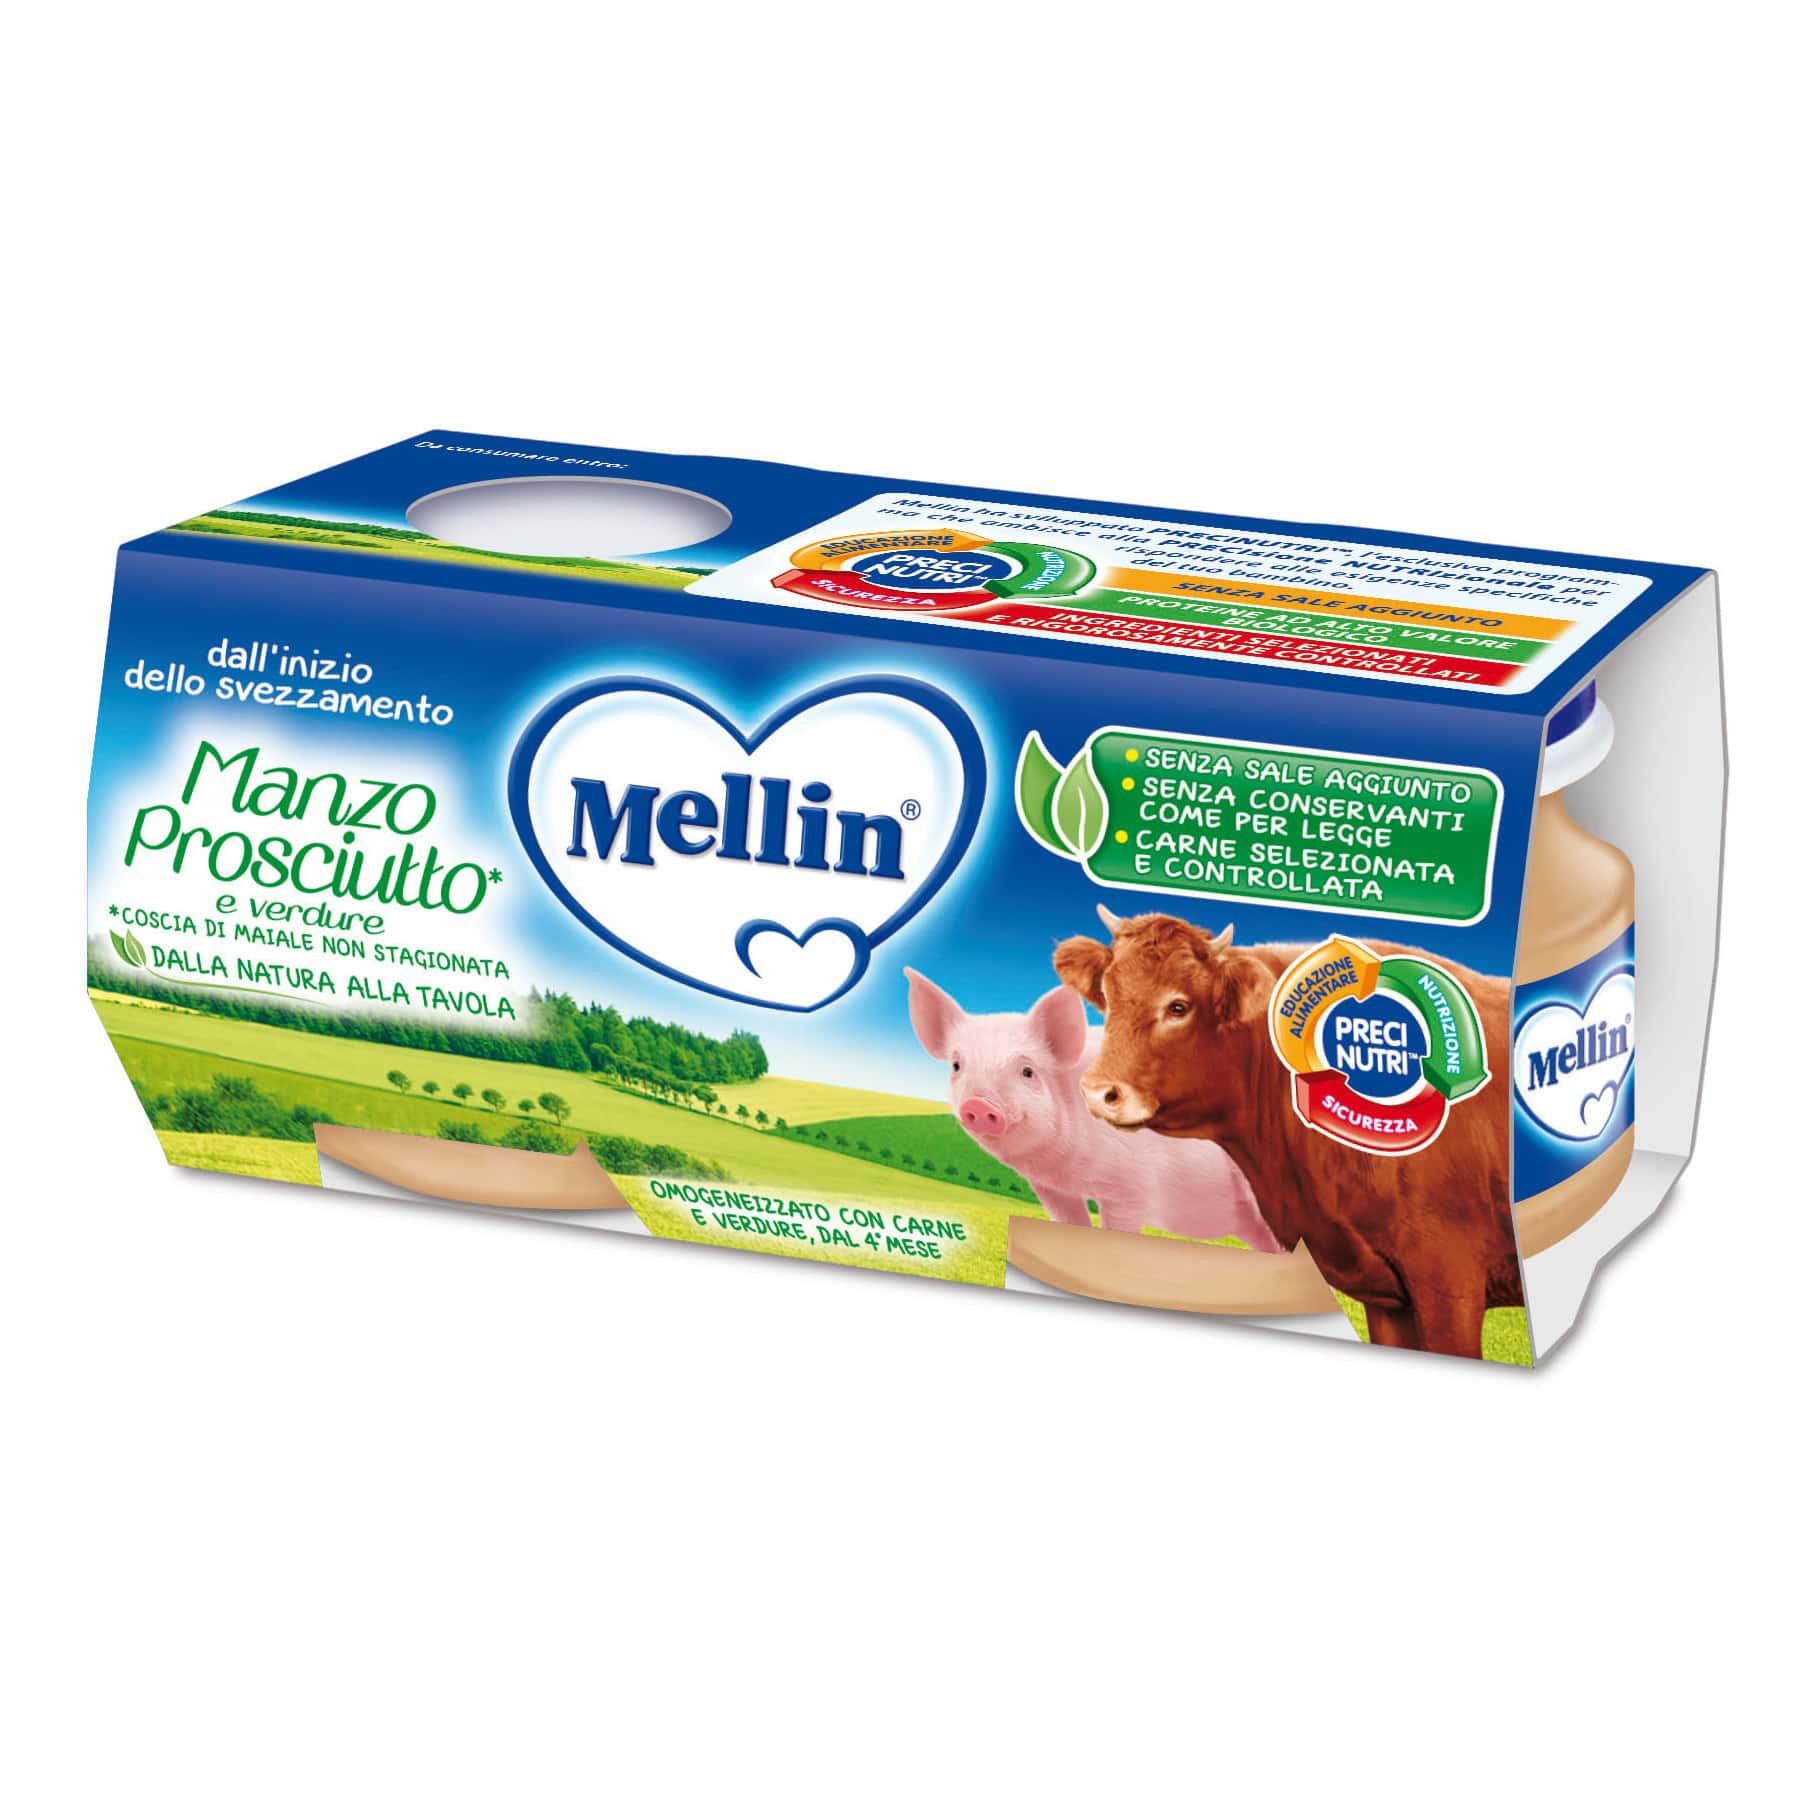 Omogeneizzato Manzo, Prosciutto e Verdure Mellin